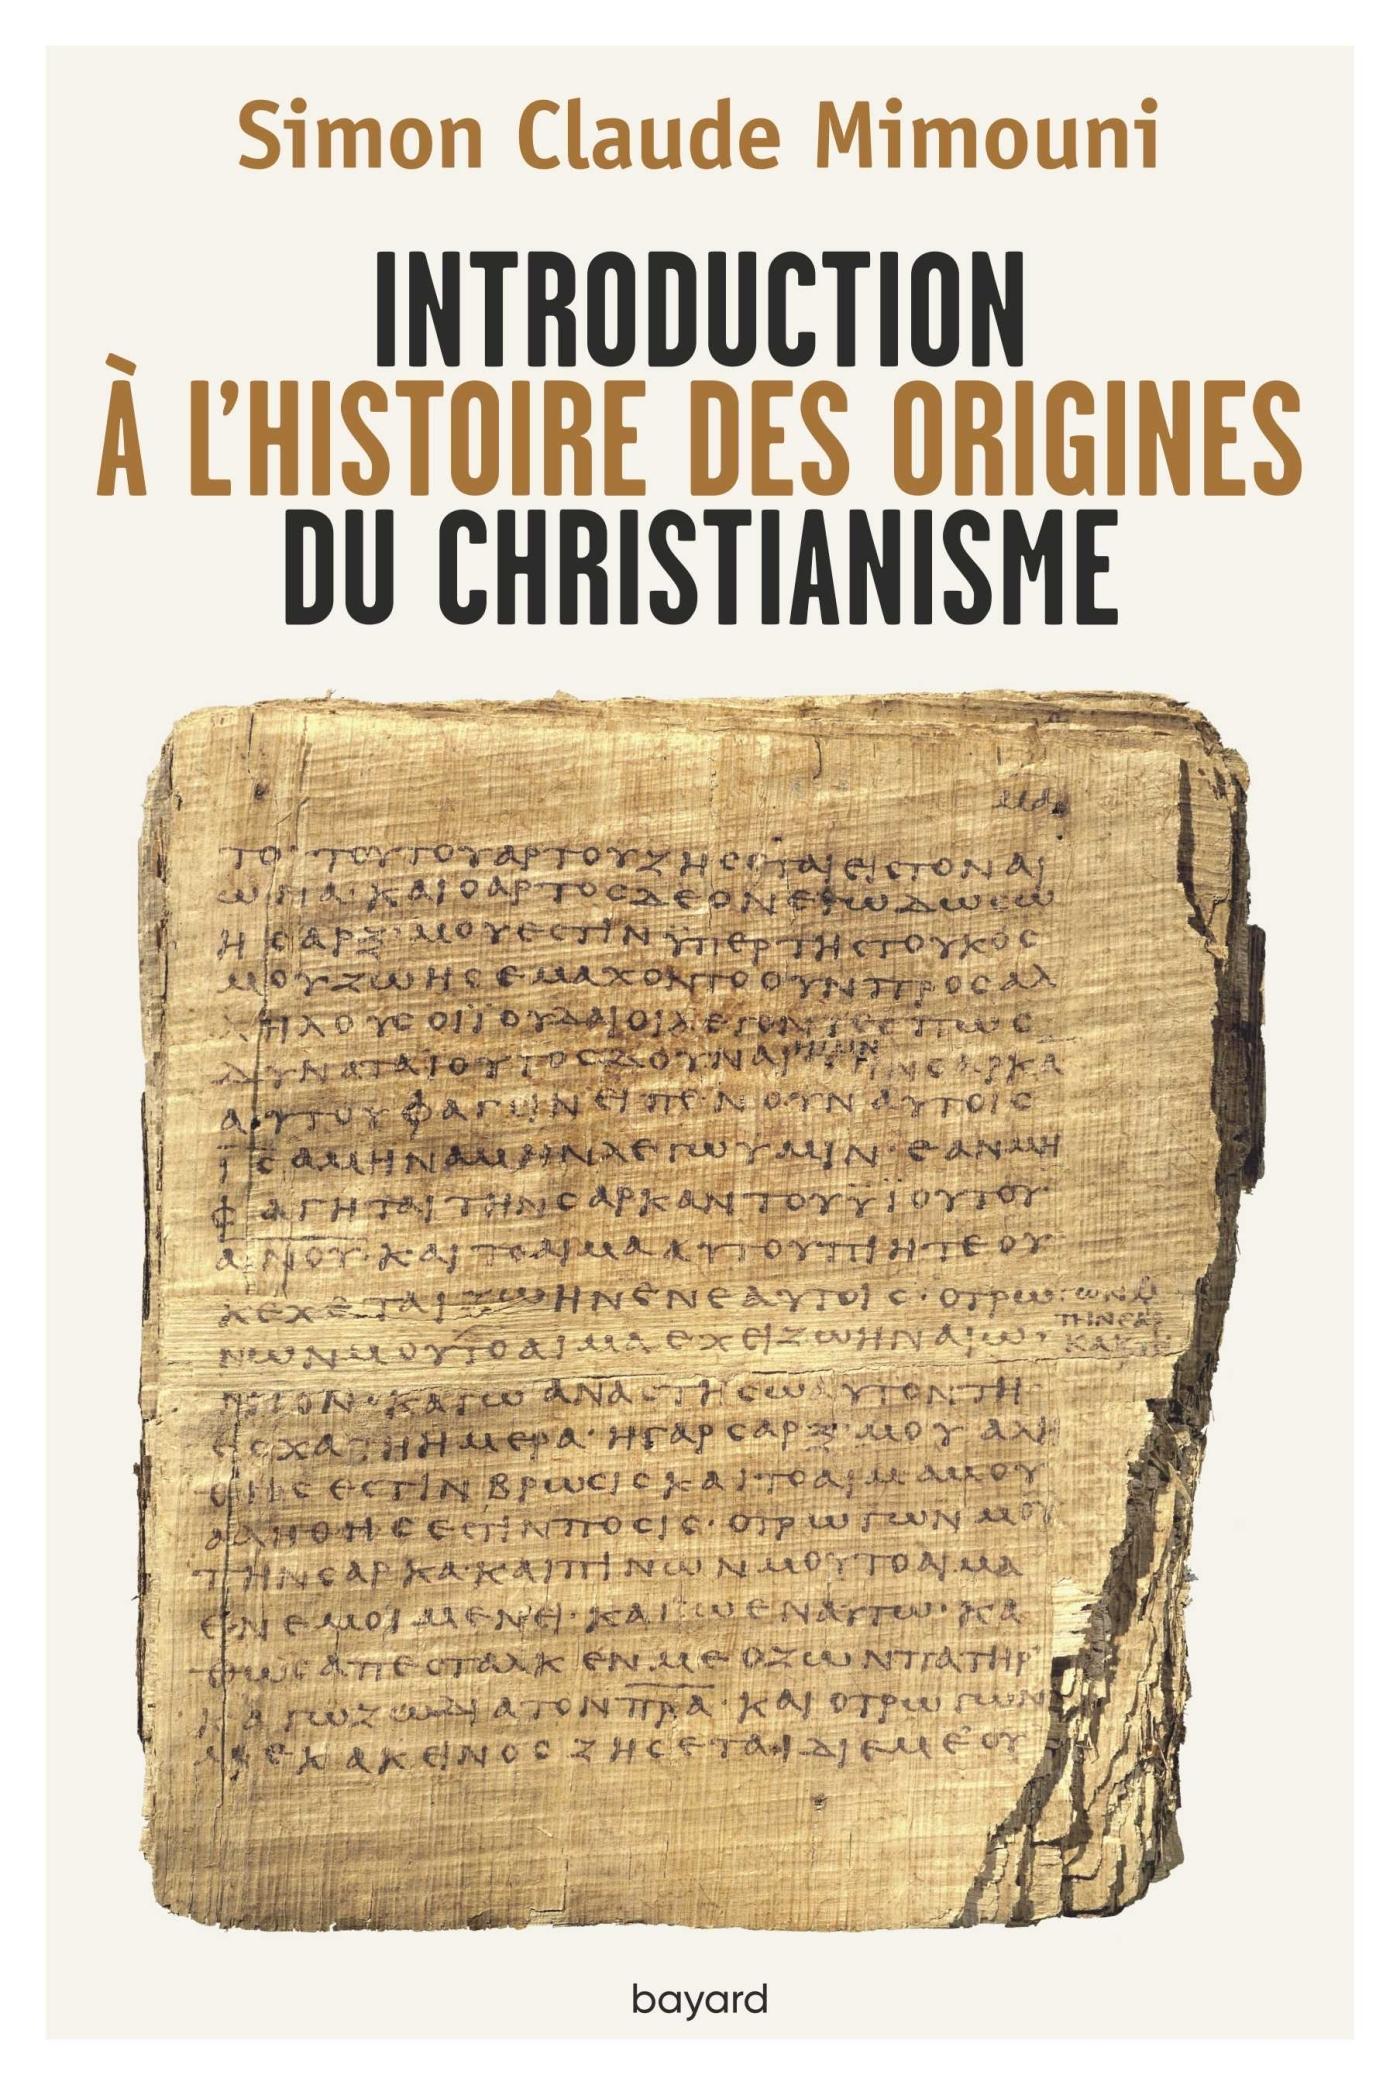 INTRODUCTION A L'HISTOIRE DES ORIGINES DU CHRISTIANISME